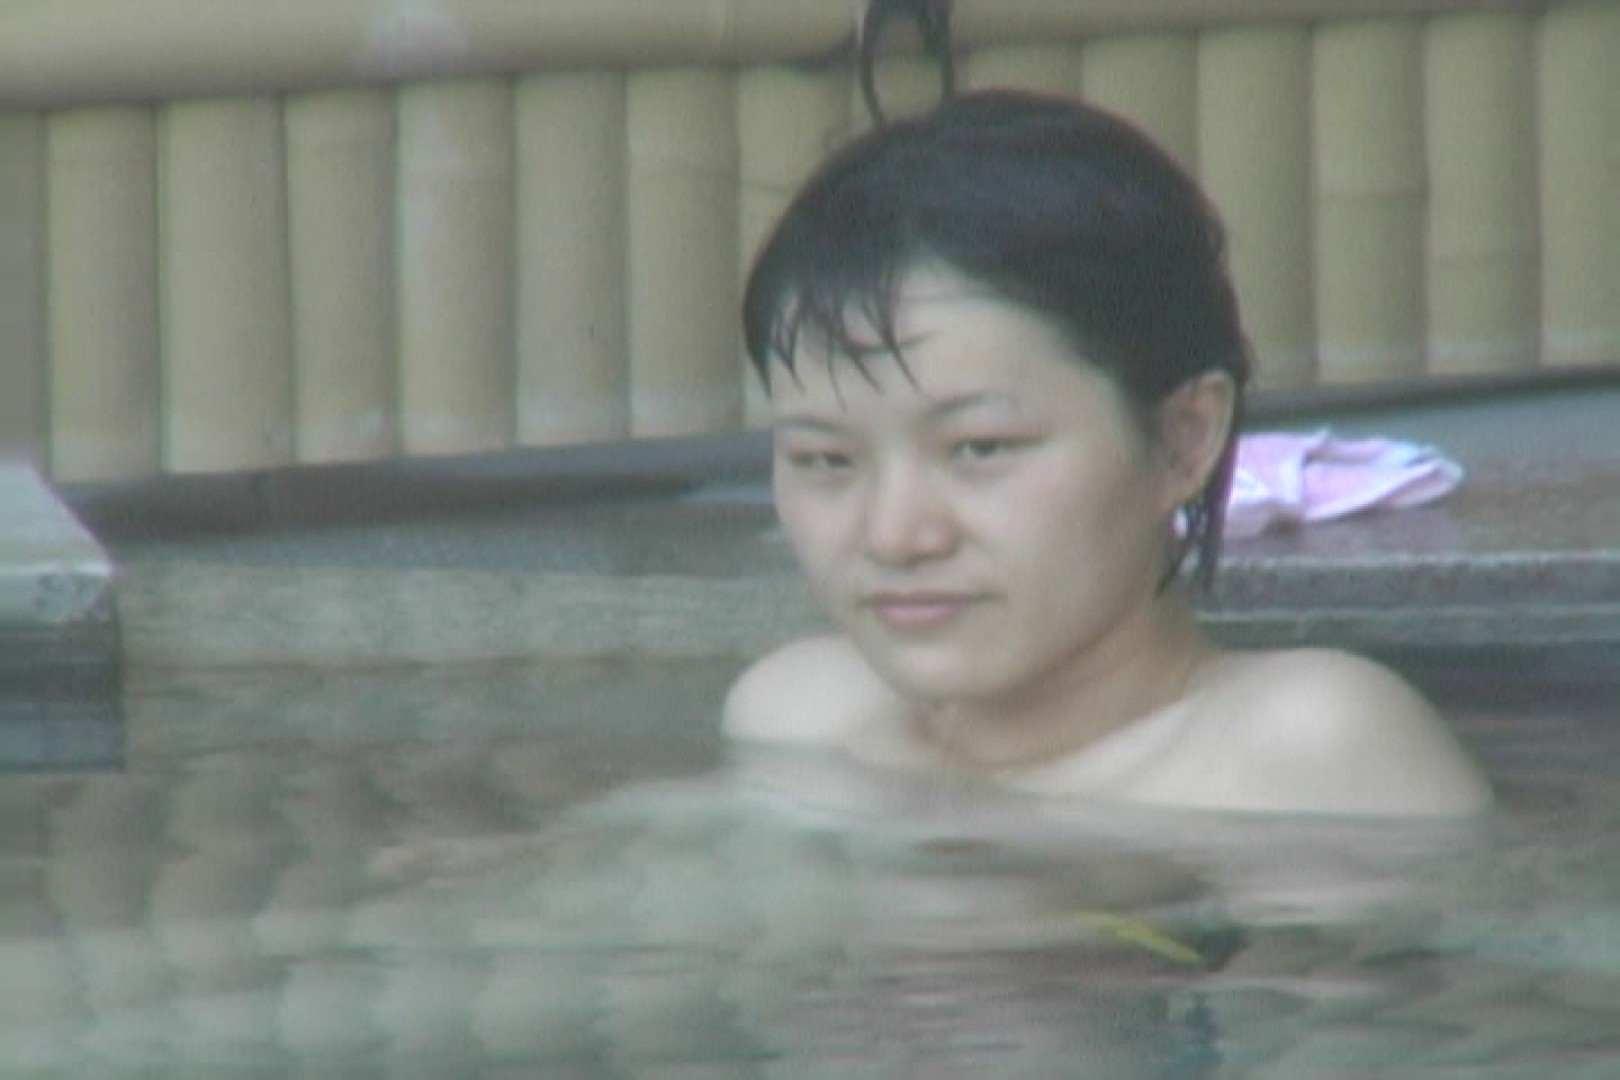 Aquaな露天風呂Vol.116 OL  54pic 35